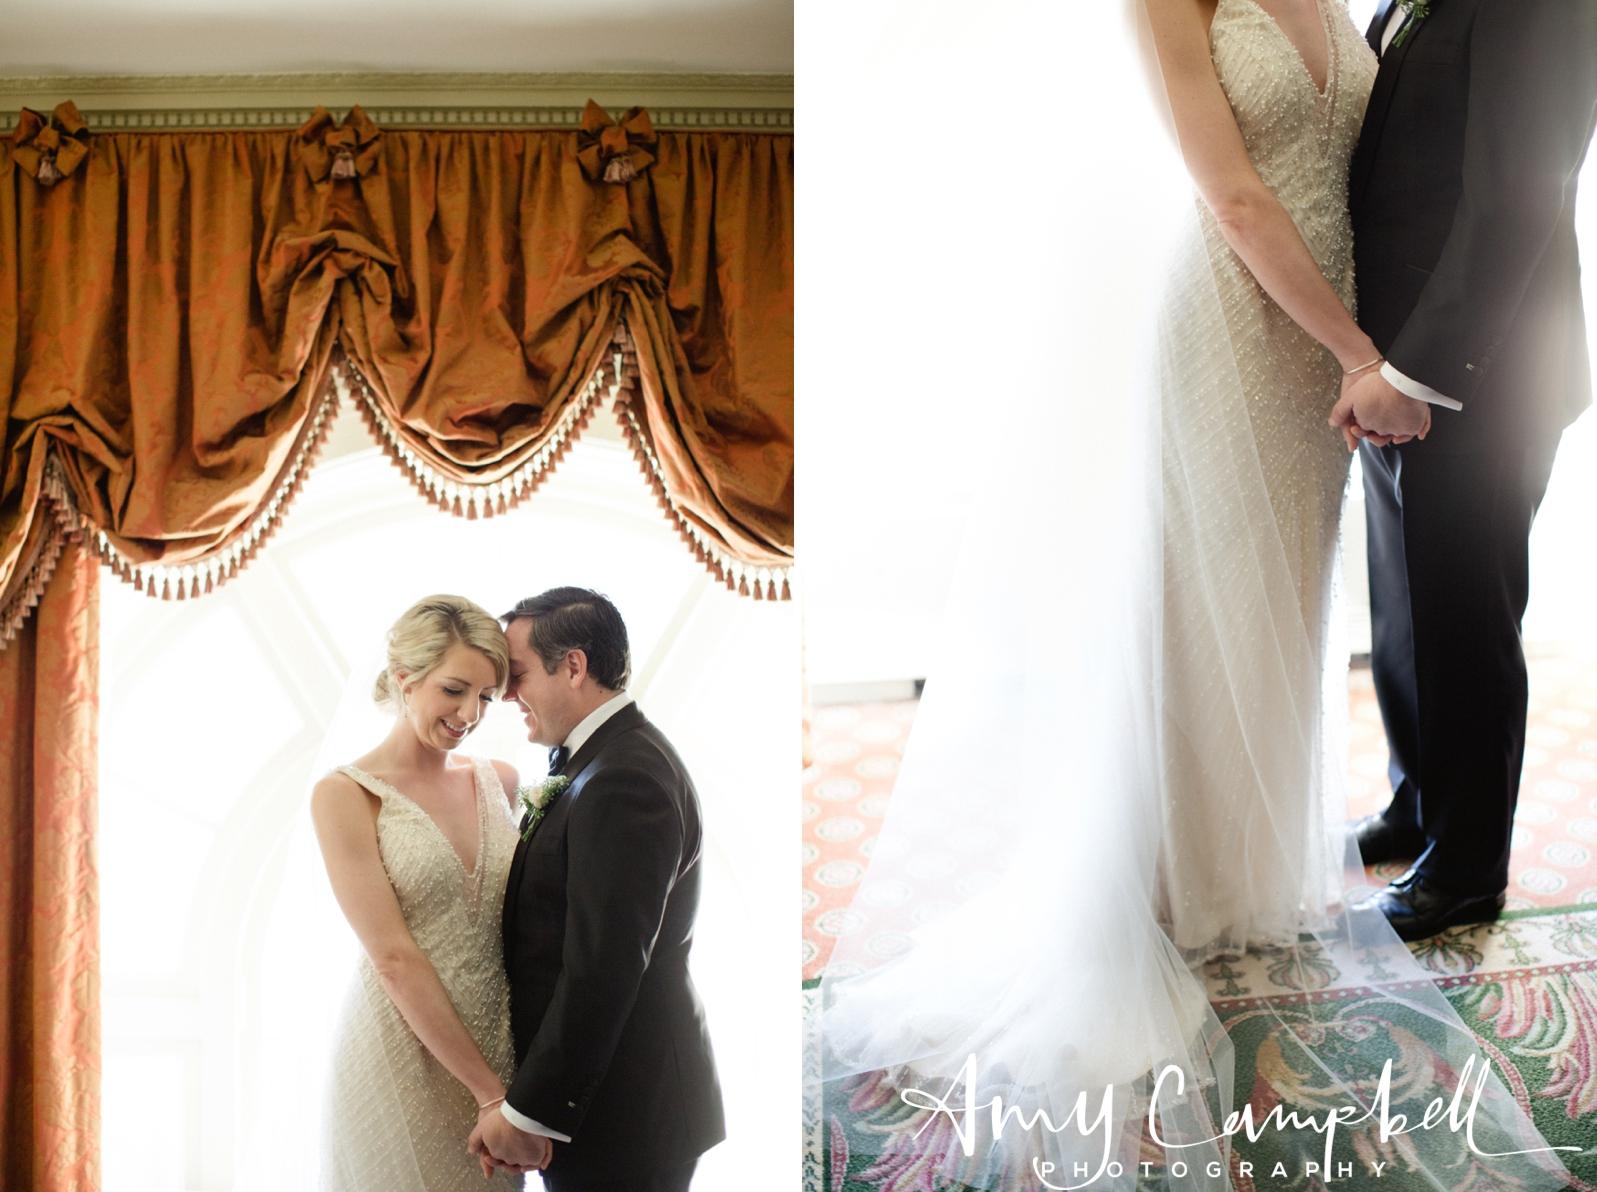 emmakyle_wedding_fb_amycampbellphotography_0018.jpg